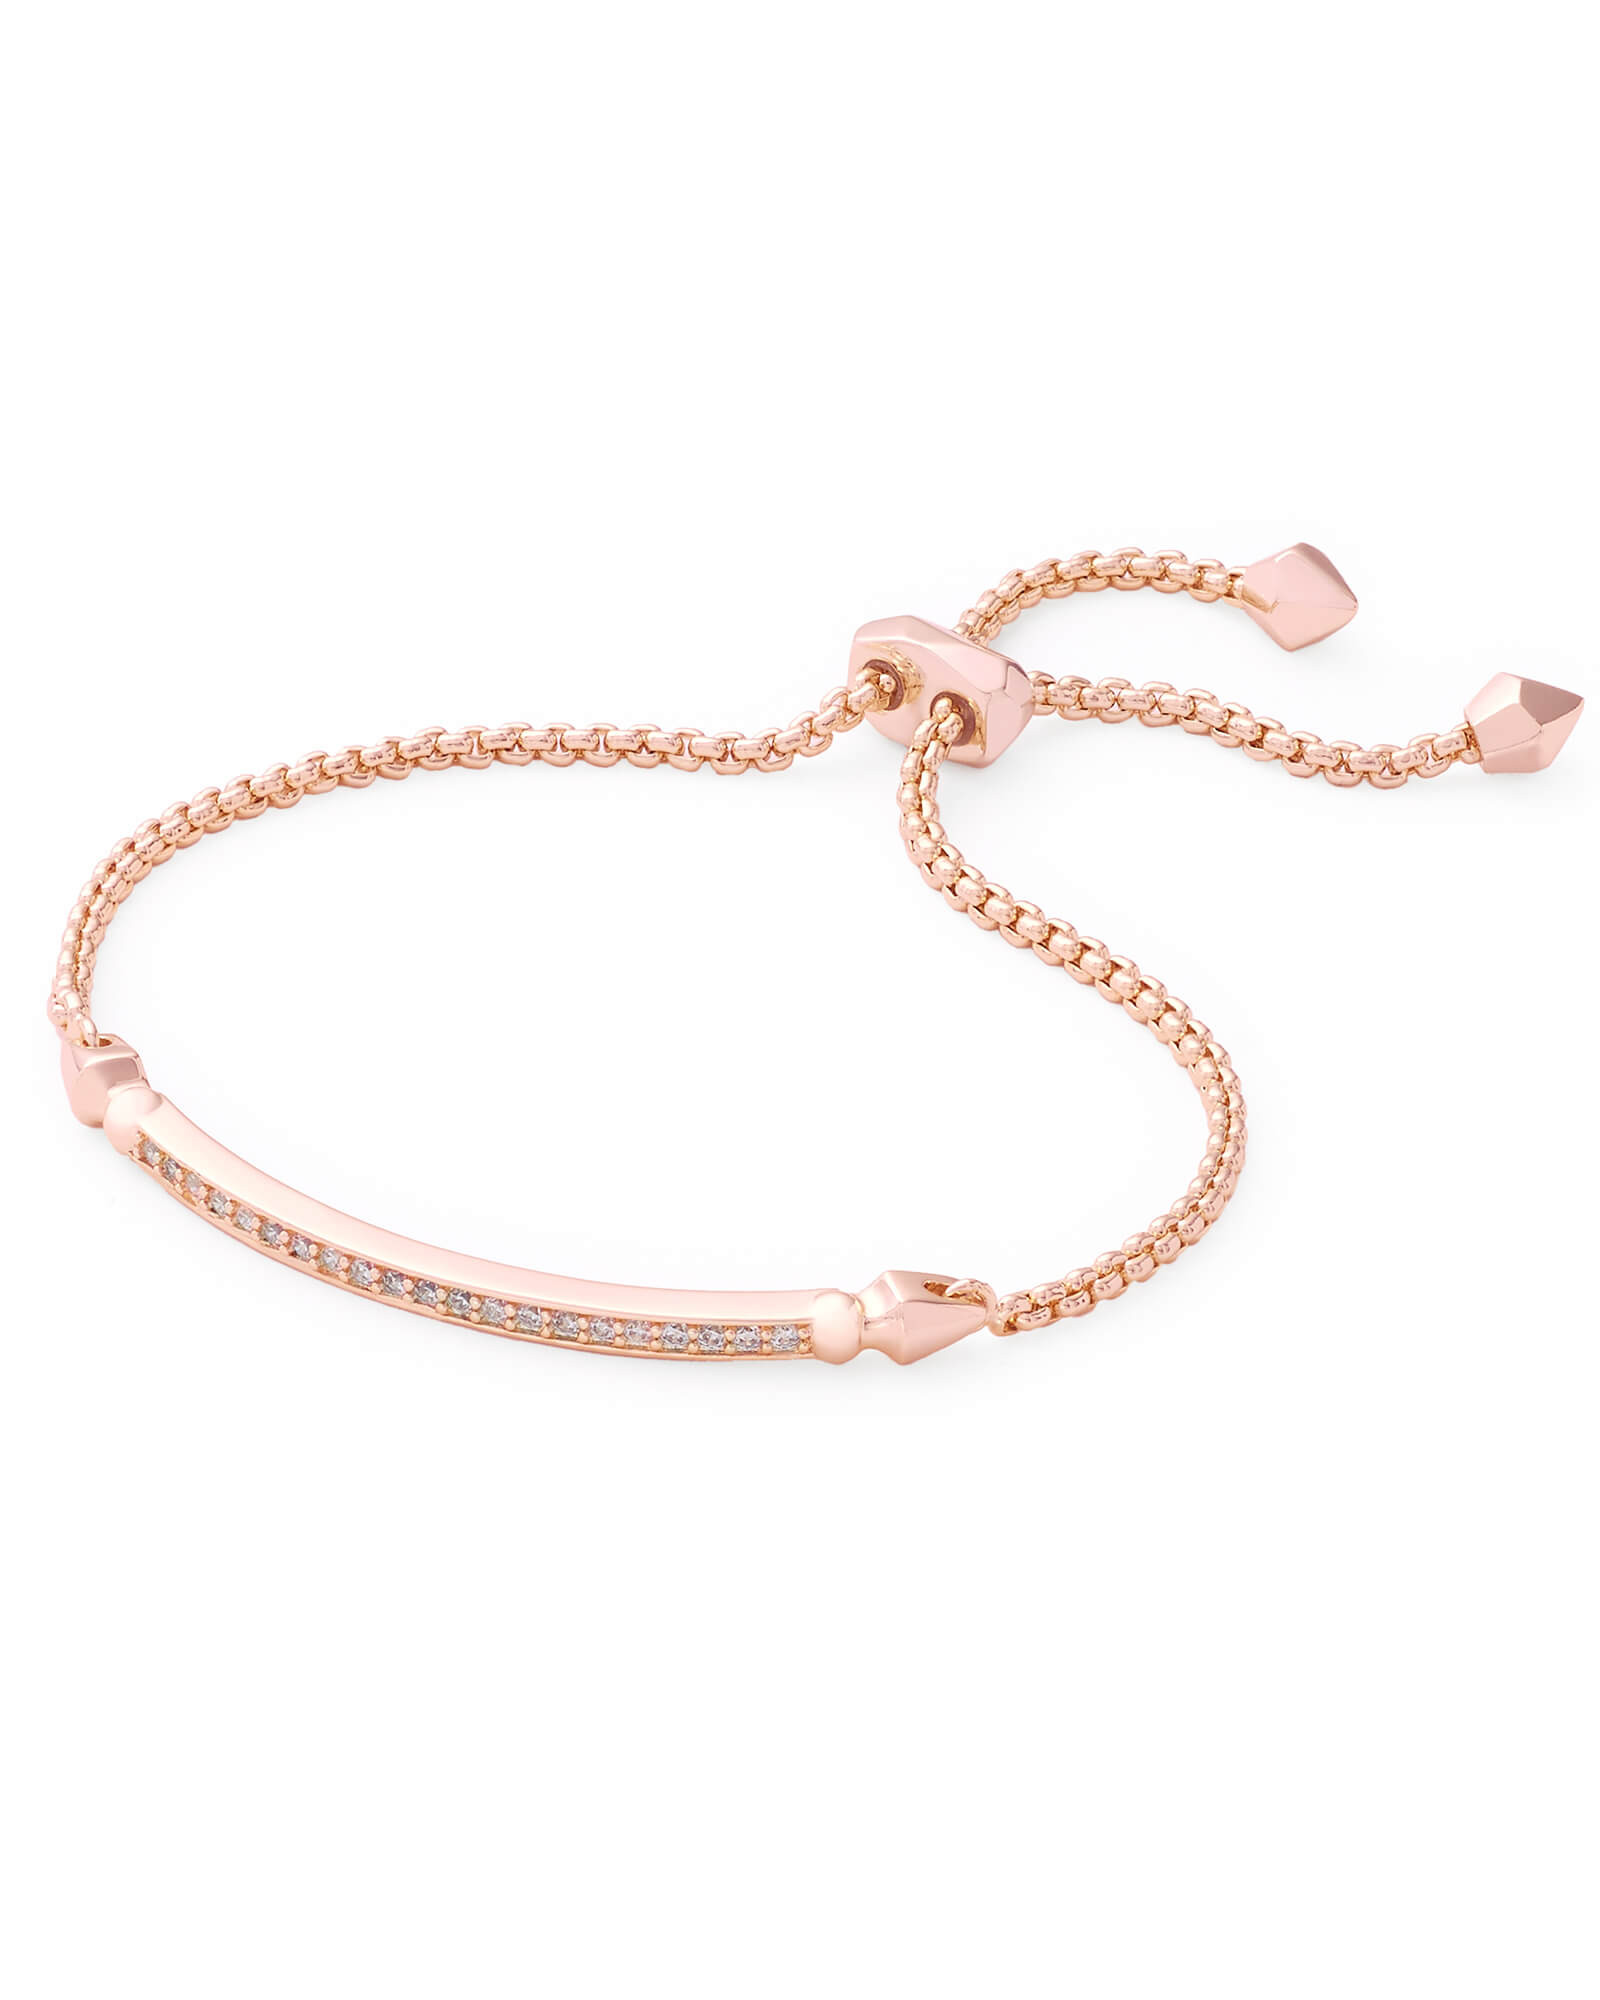 Rose Gold Bracelet  Ott Adjustable Chain Bracelet in Rose Gold